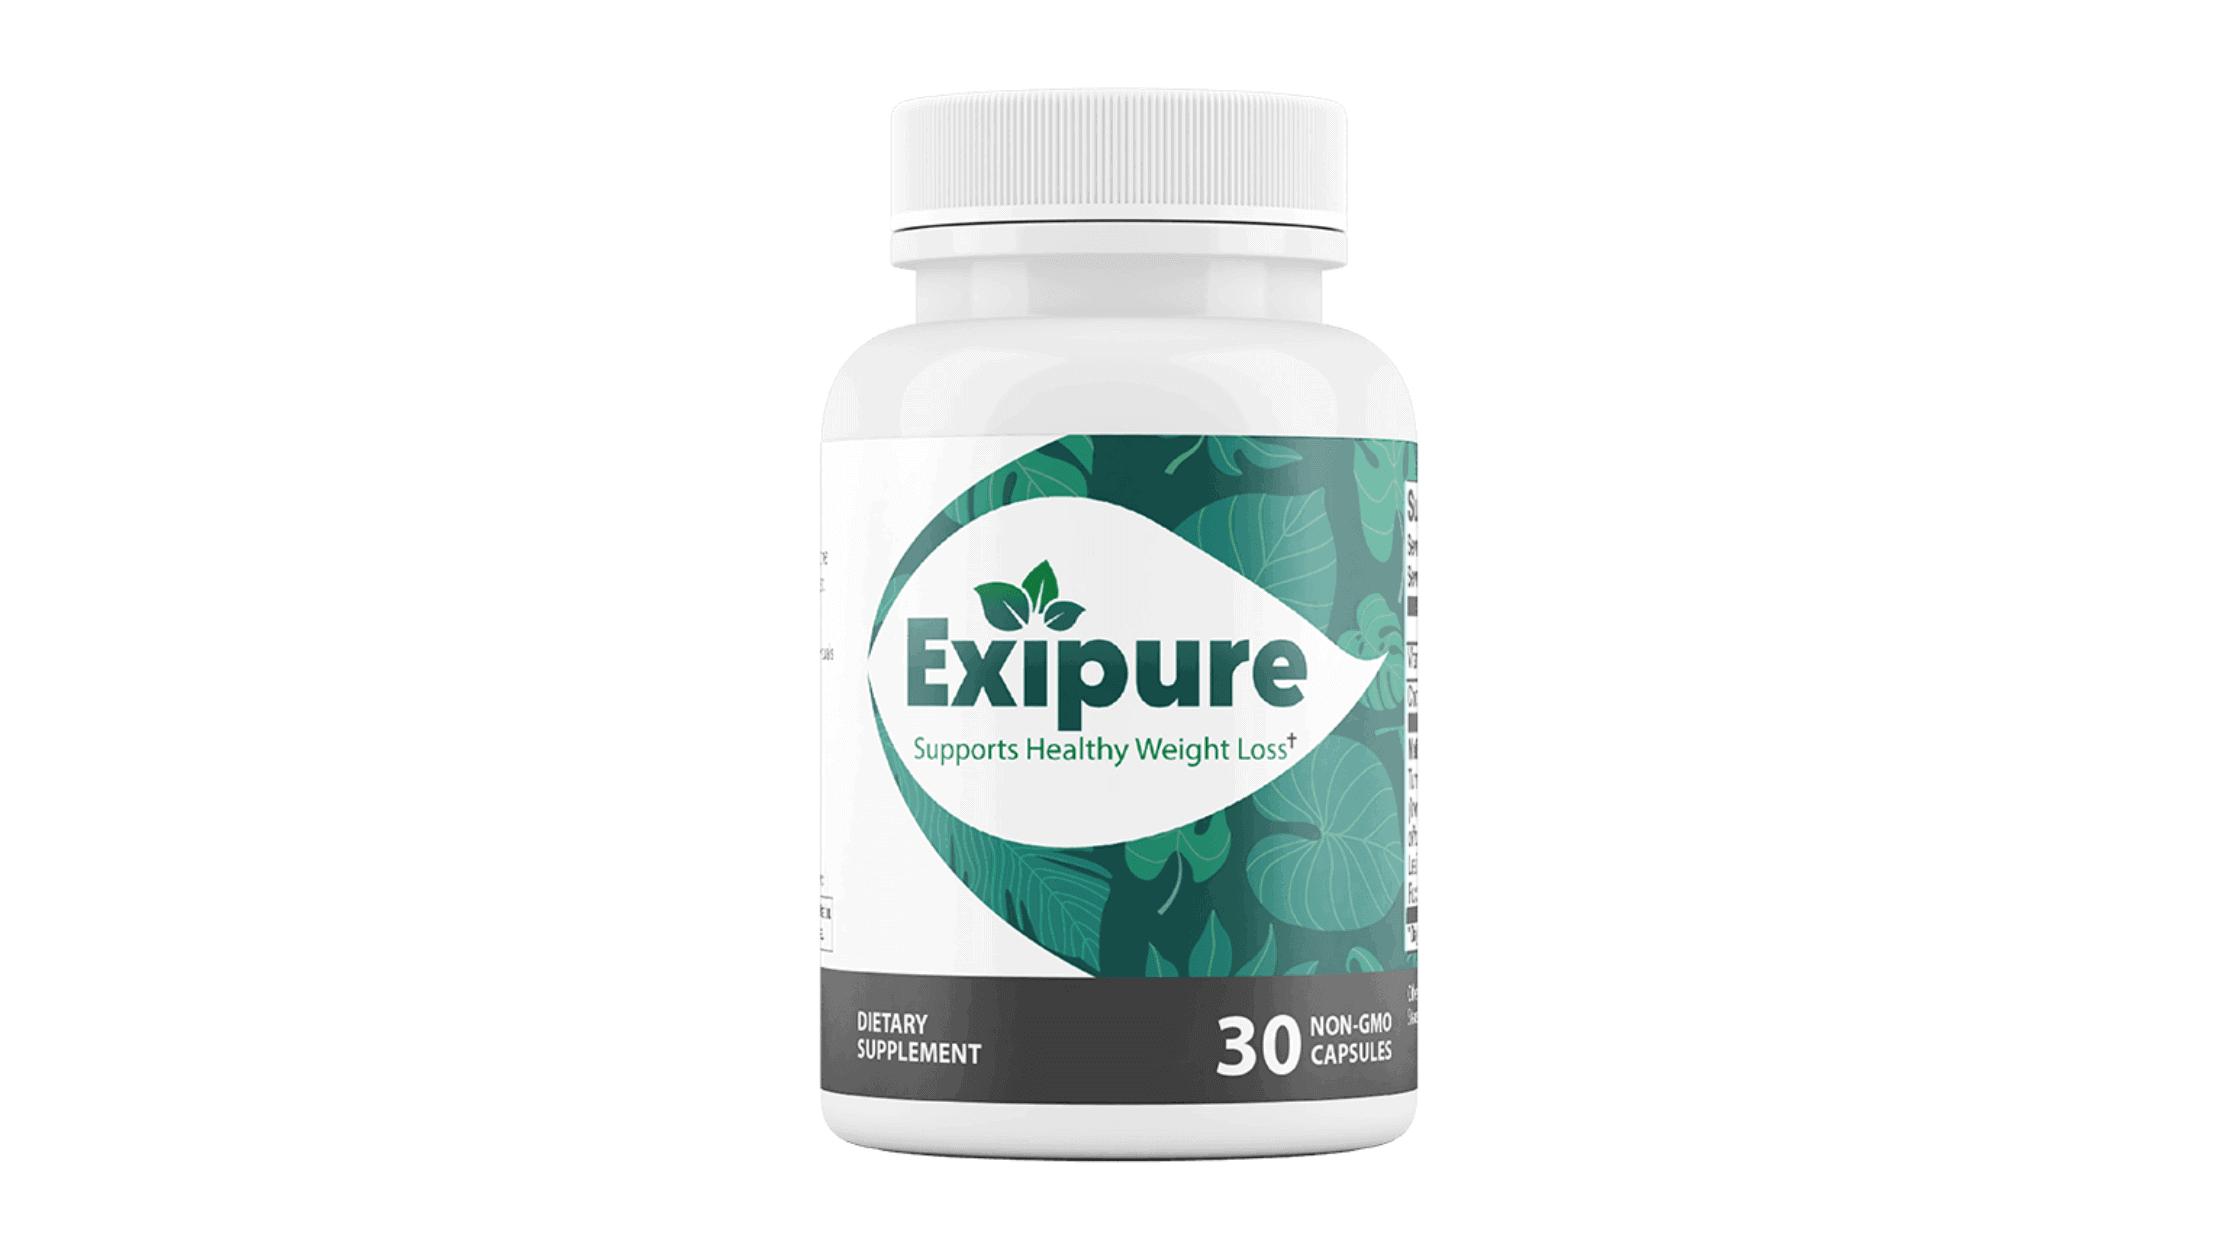 Exipure Reviews